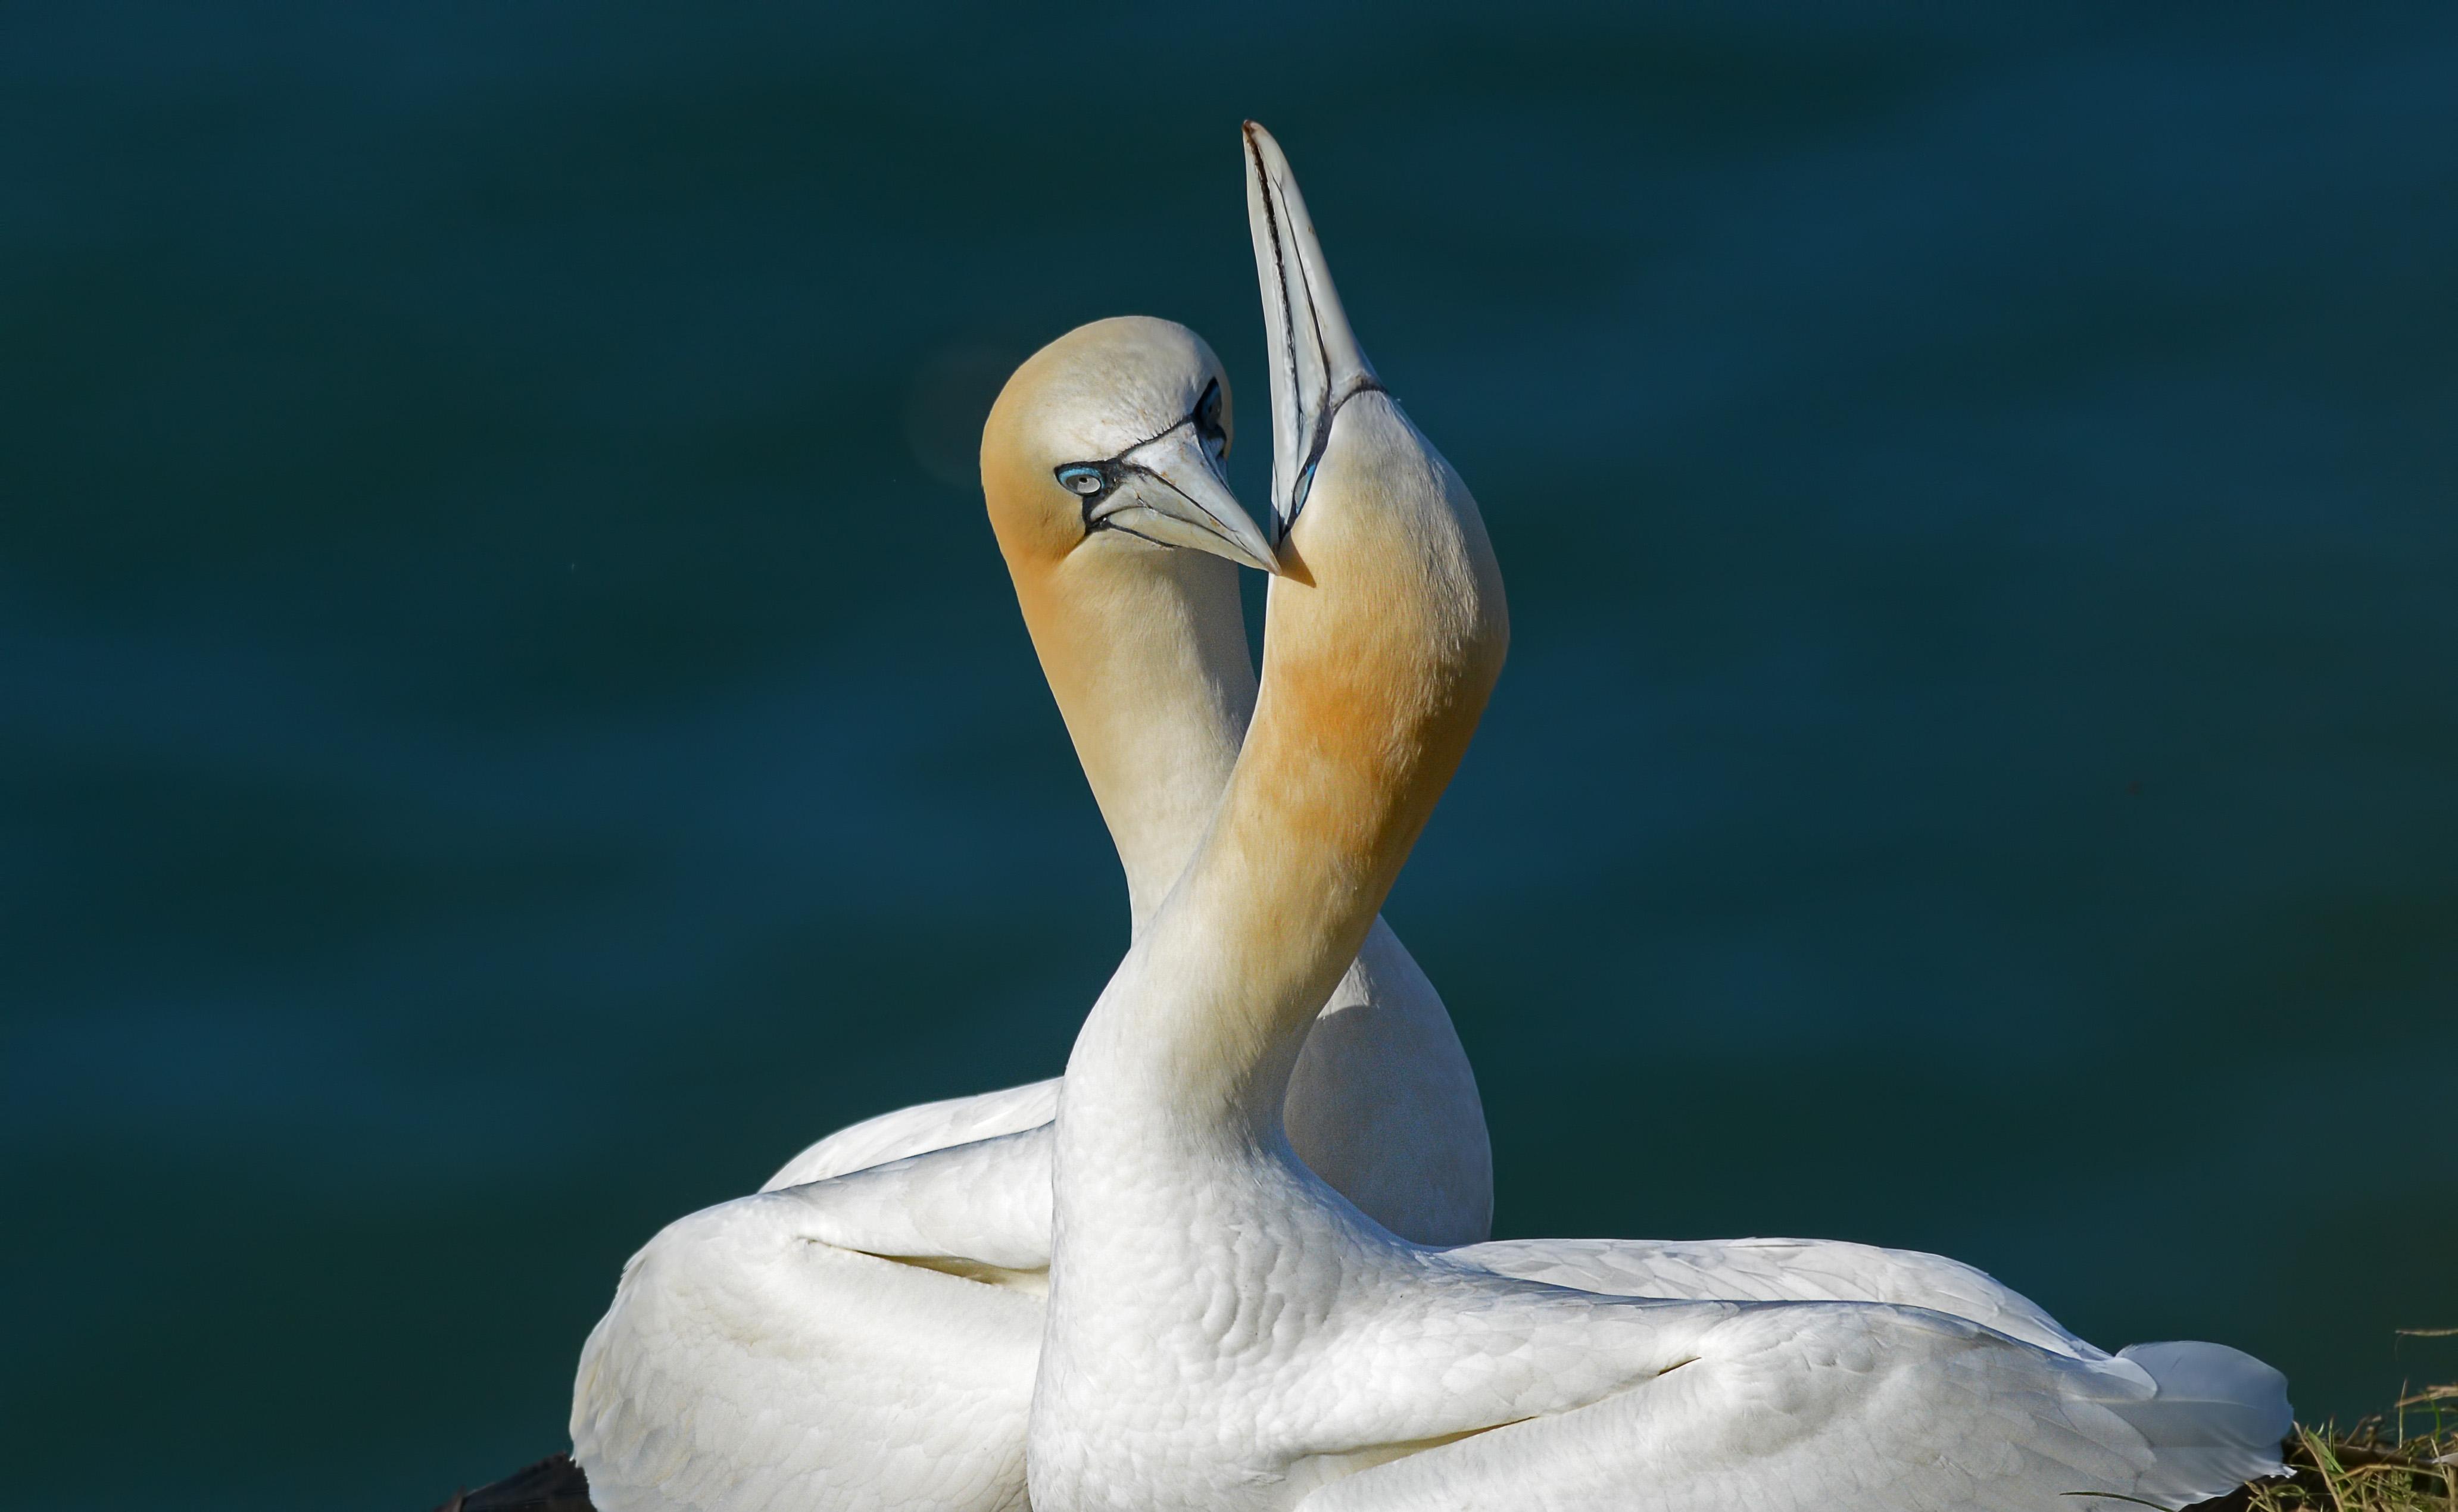 Amor en las aves - 4128x2540